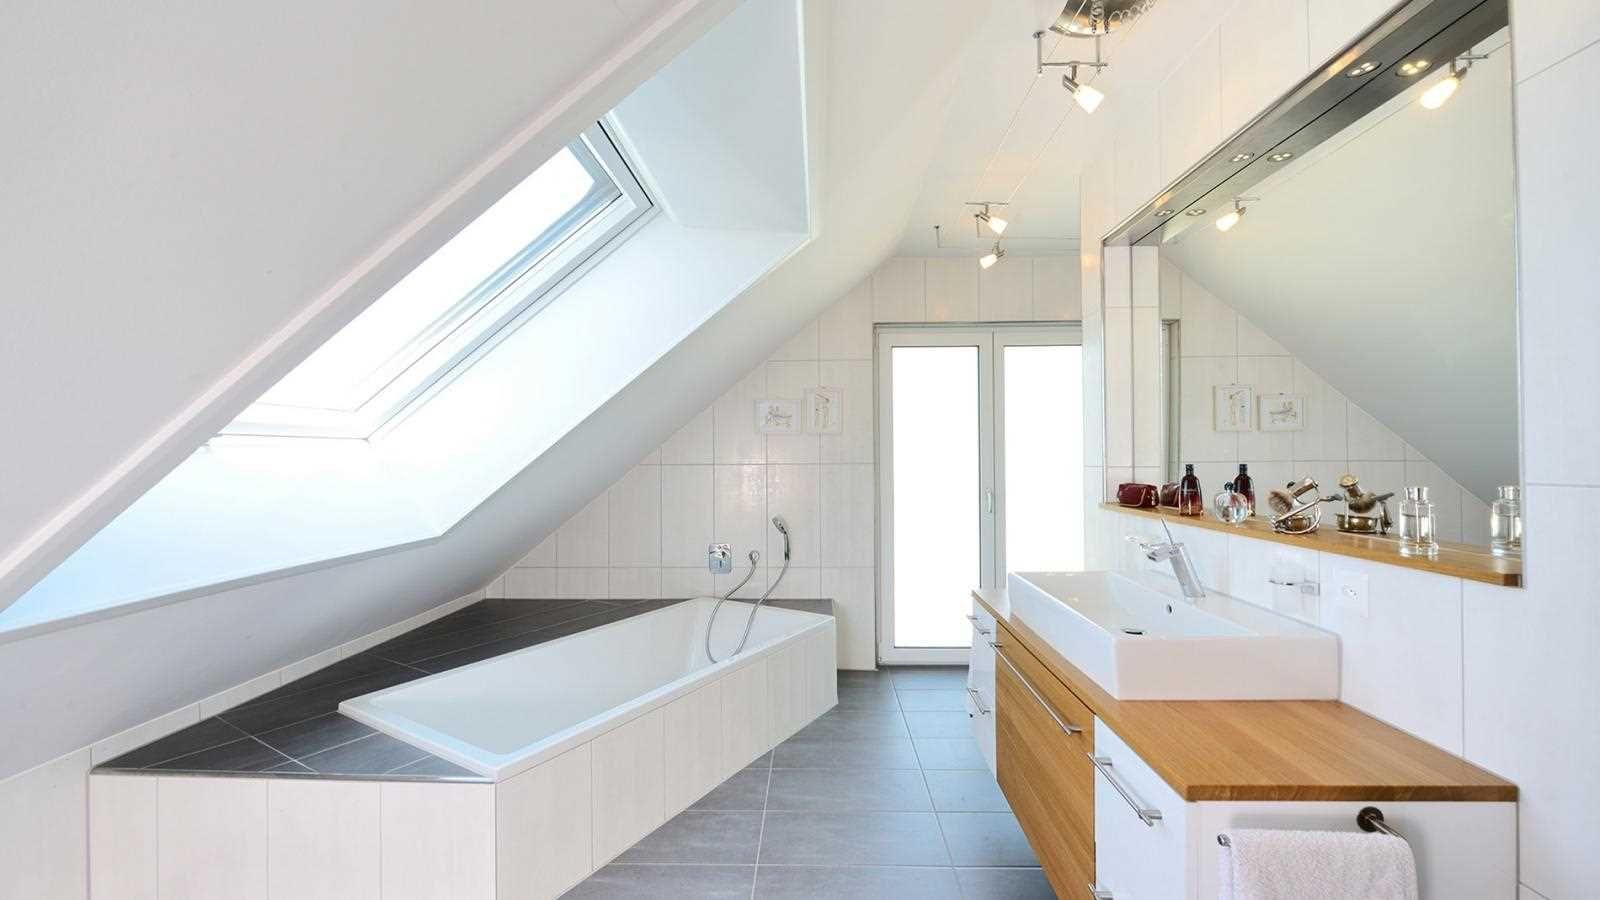 wellness unterm dach haus kienh fer fertighaus weiss badezimmer wellness in den eigenen. Black Bedroom Furniture Sets. Home Design Ideas